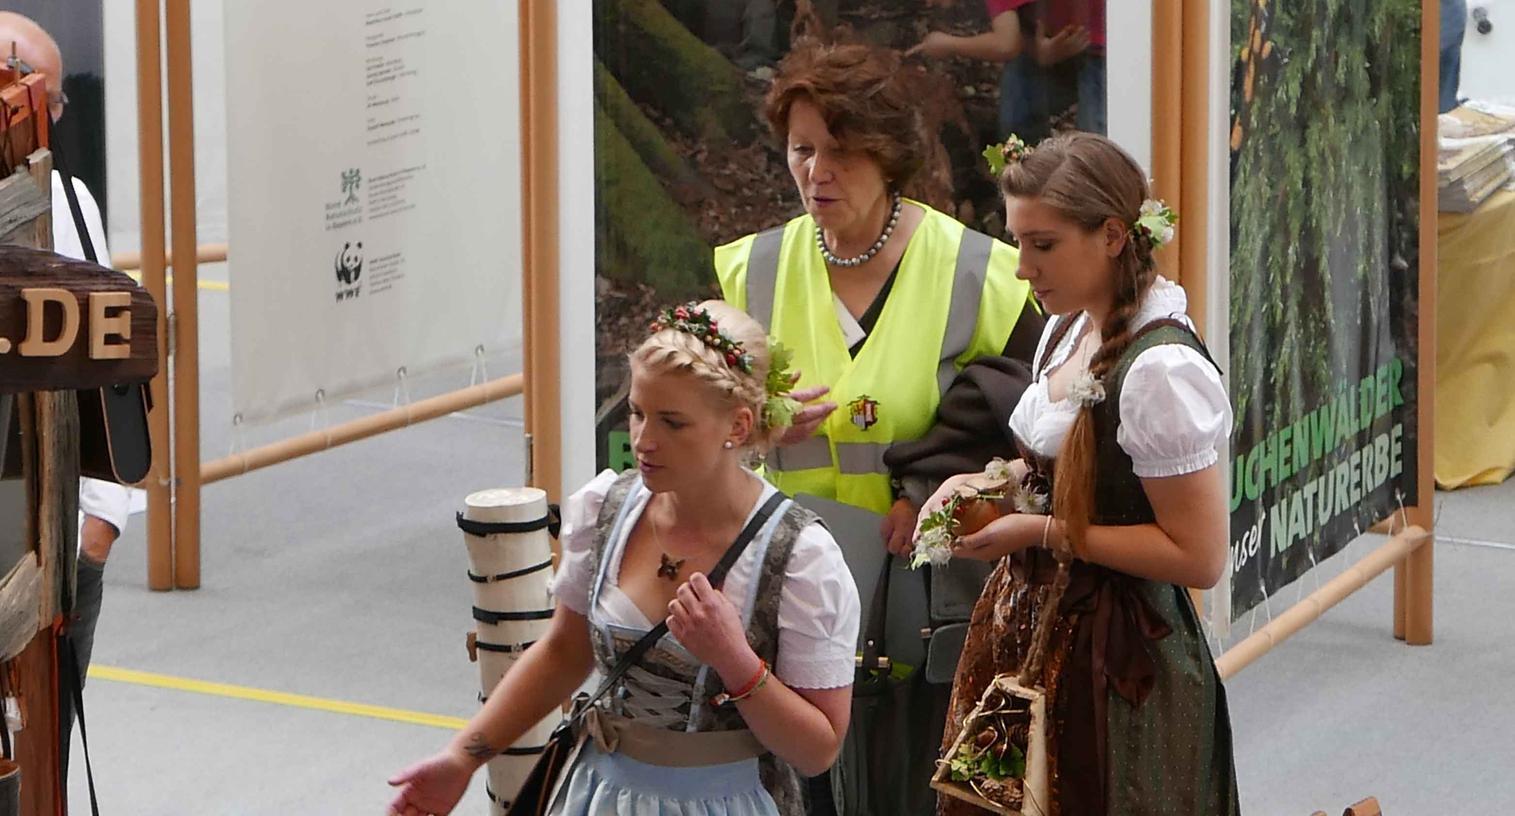 Mit Messemanagerin Roswitha Lugert (Mitte) bummelten die Holzfeen Johanna Sussmann (l.) und Jasmin Brunner durch die Hallen mit faszinierendem Kunsthandwerk und über die